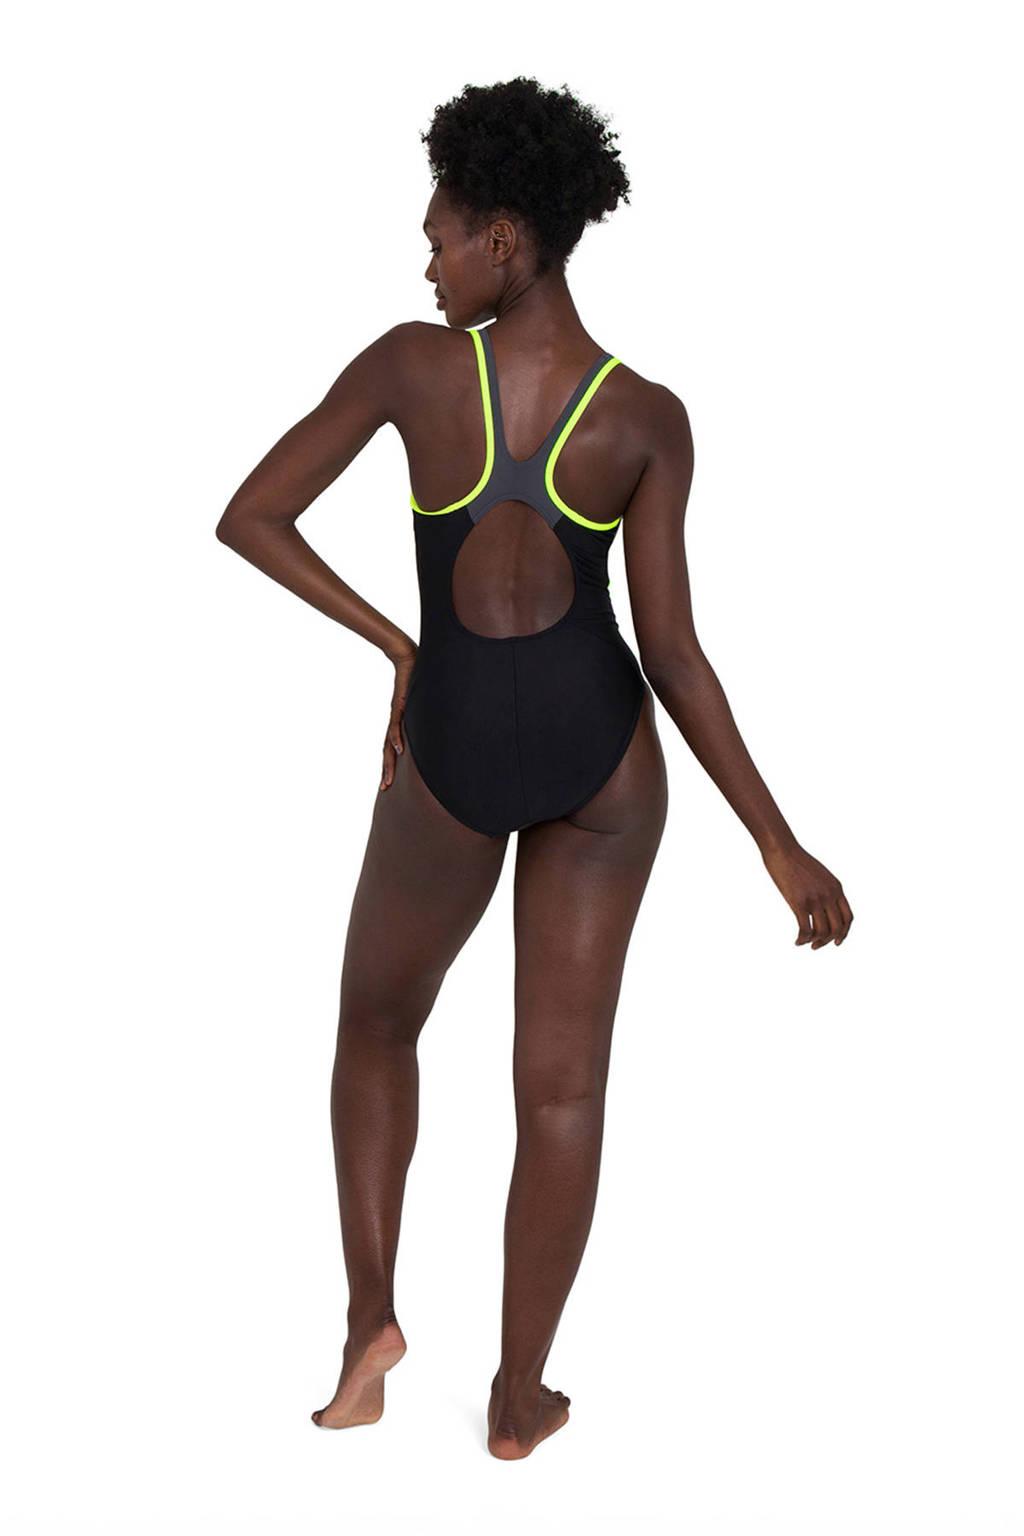 Speedo sportbadpak Splice zwart/geel, Zwart/geen